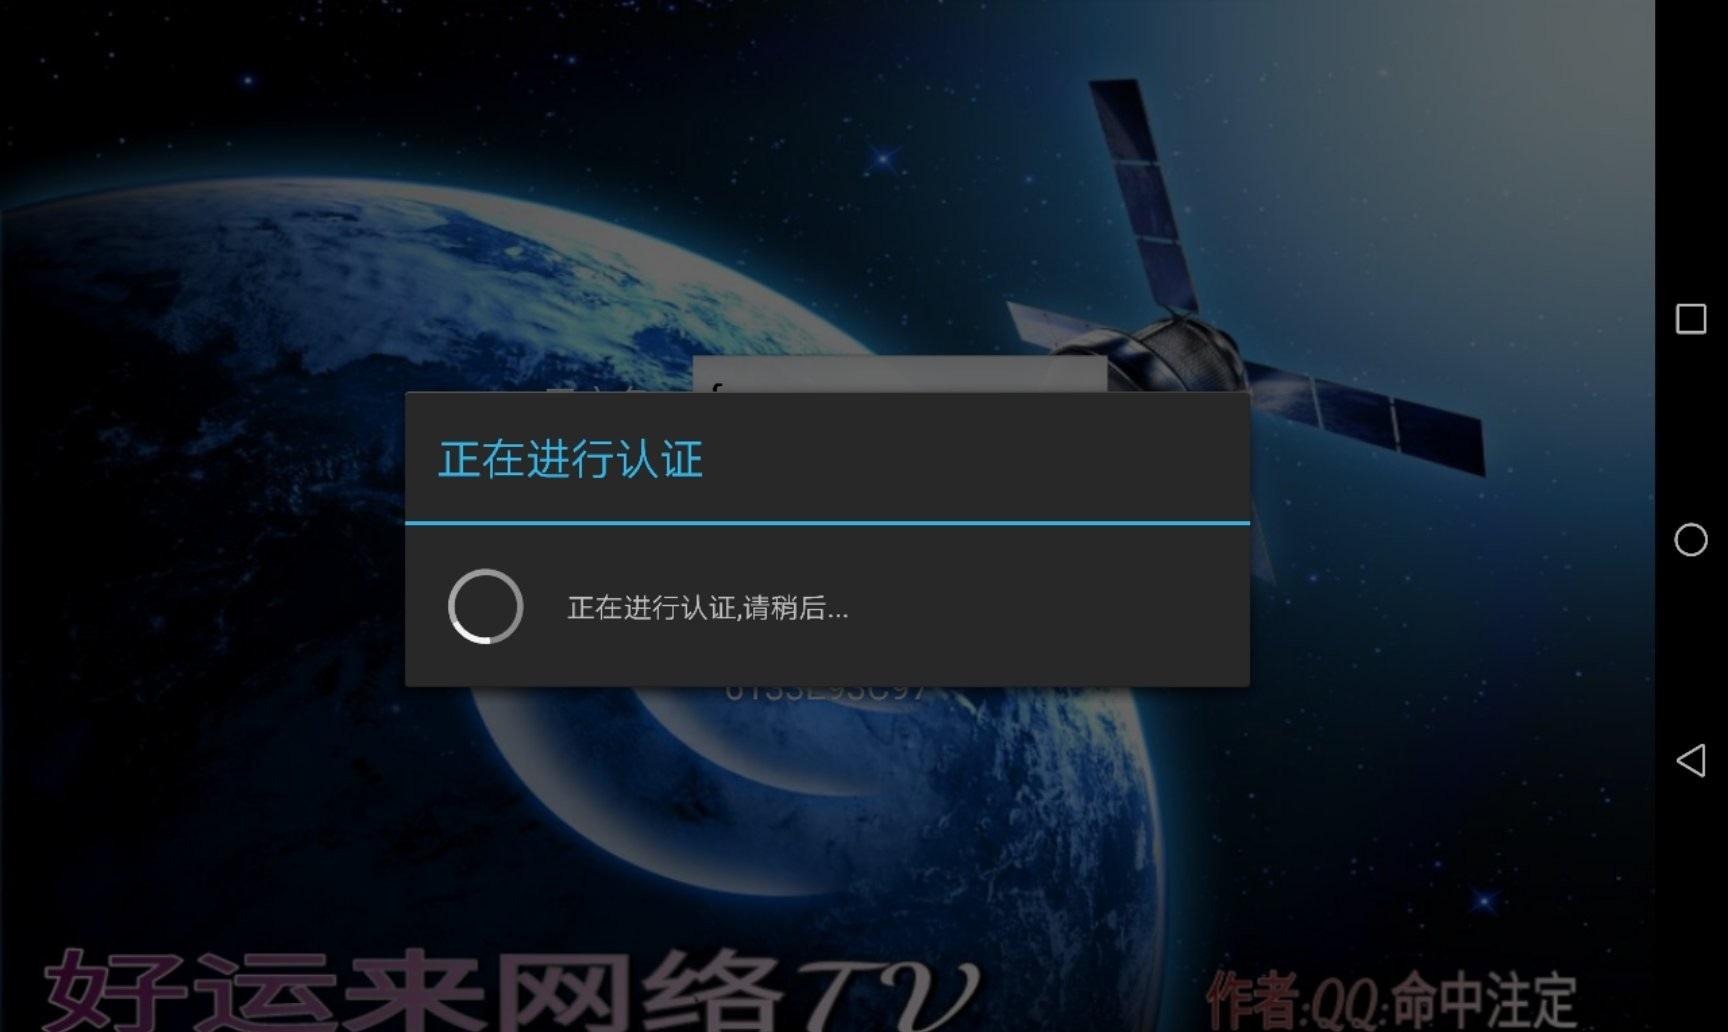 好運來網路TV v 8.8.15免費版 - Android 遊戲.應用下載 - 冰楓論壇 - 綜合論壇.外掛下載.外掛討論.遊戲討論.手機APP